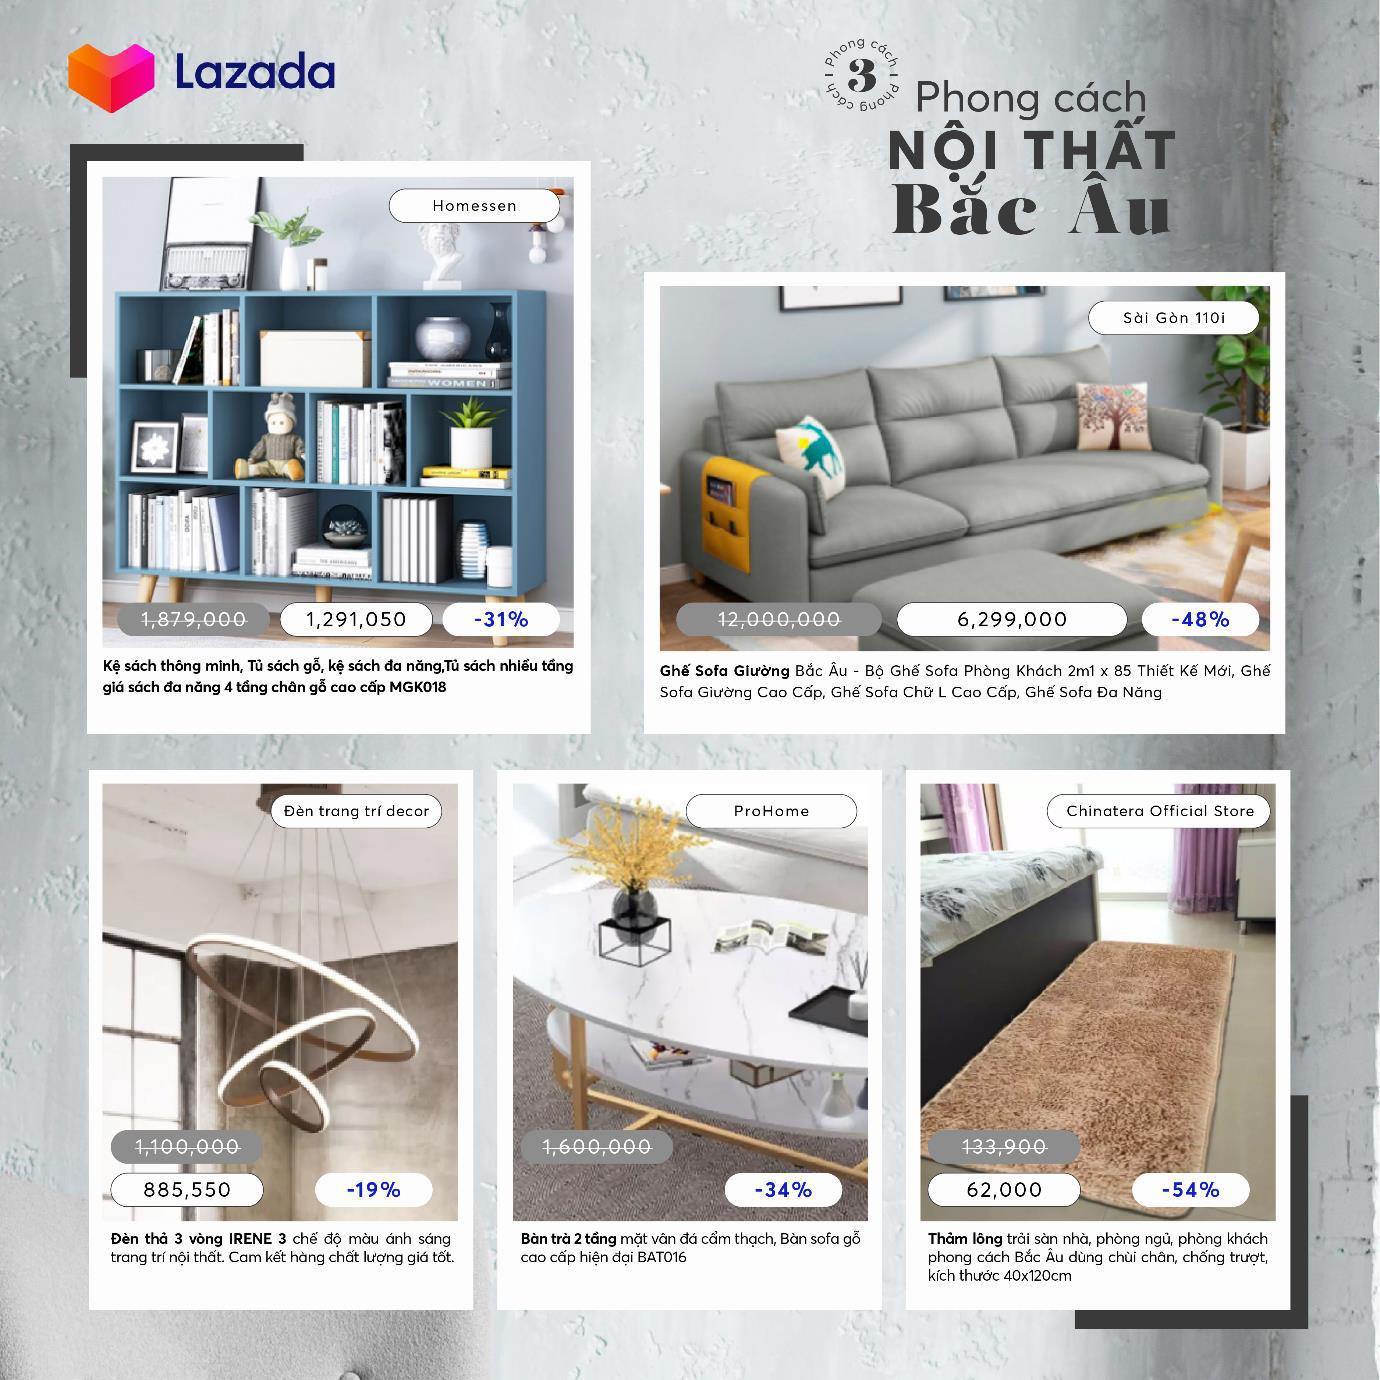 6 phong cách decor nhà cửa đón Tết và loạt đồ nội thất sale đẫm không thể bỏ qua - Ảnh 3.